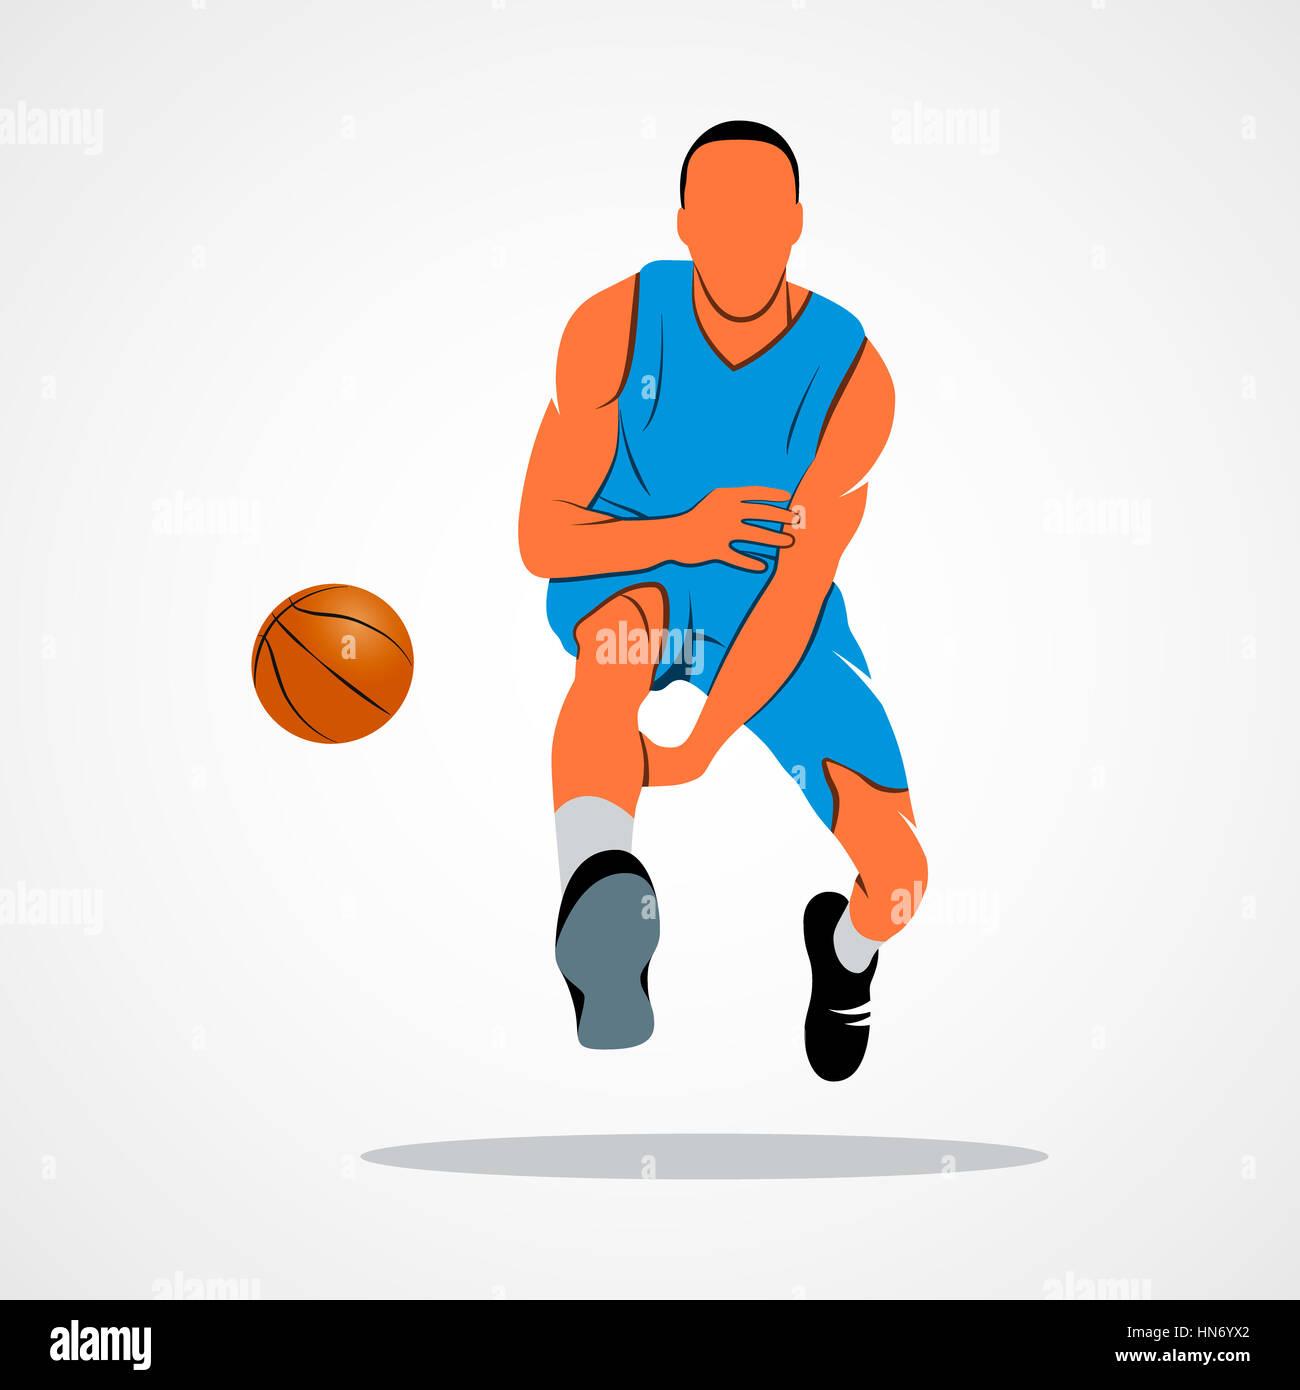 Niedlich Basketball Spielt Vorlage Fotos - Entry Level Resume ...